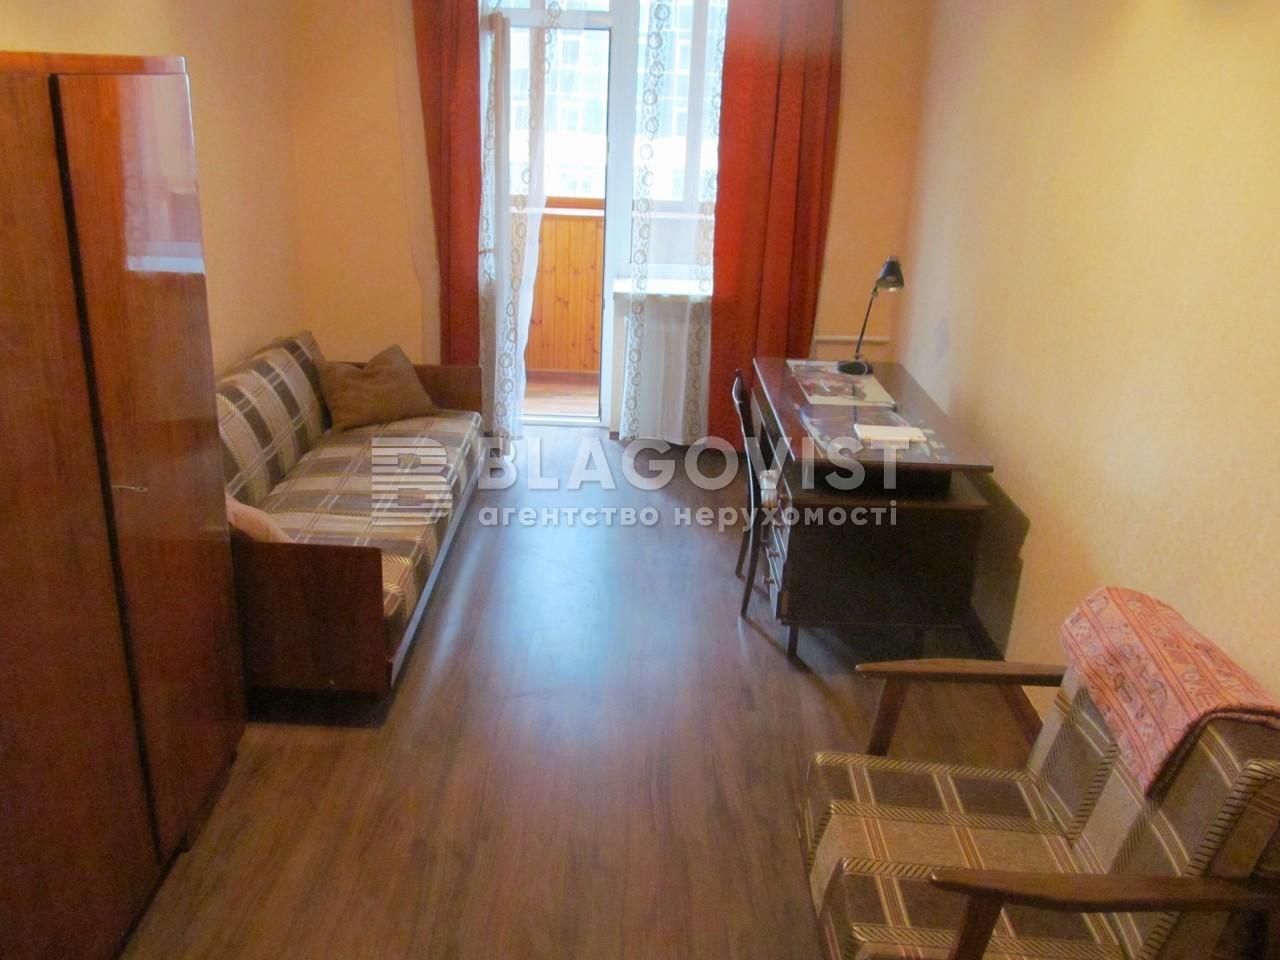 Квартира Z-1562522, Антоновича (Горького), 169, Киев - Фото 8